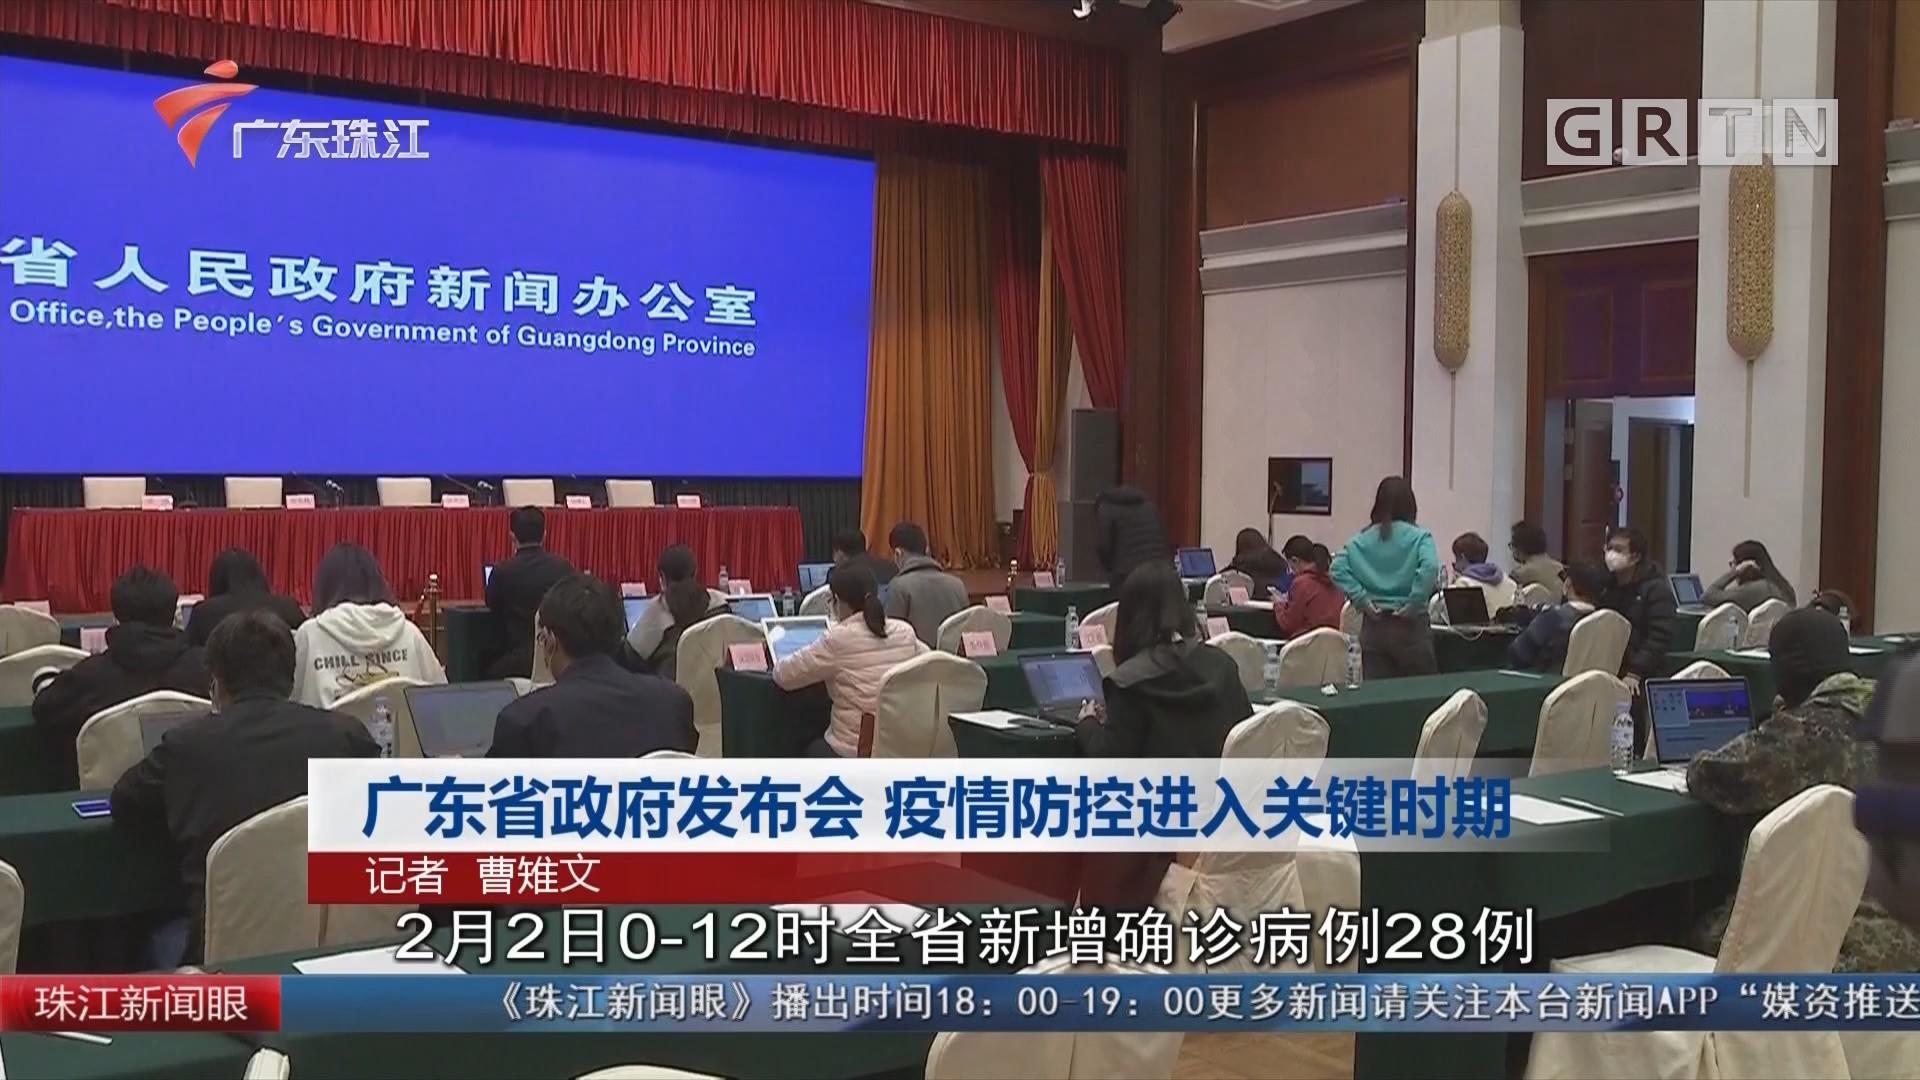 广东省政府发布会 疫情防控进入关键时期